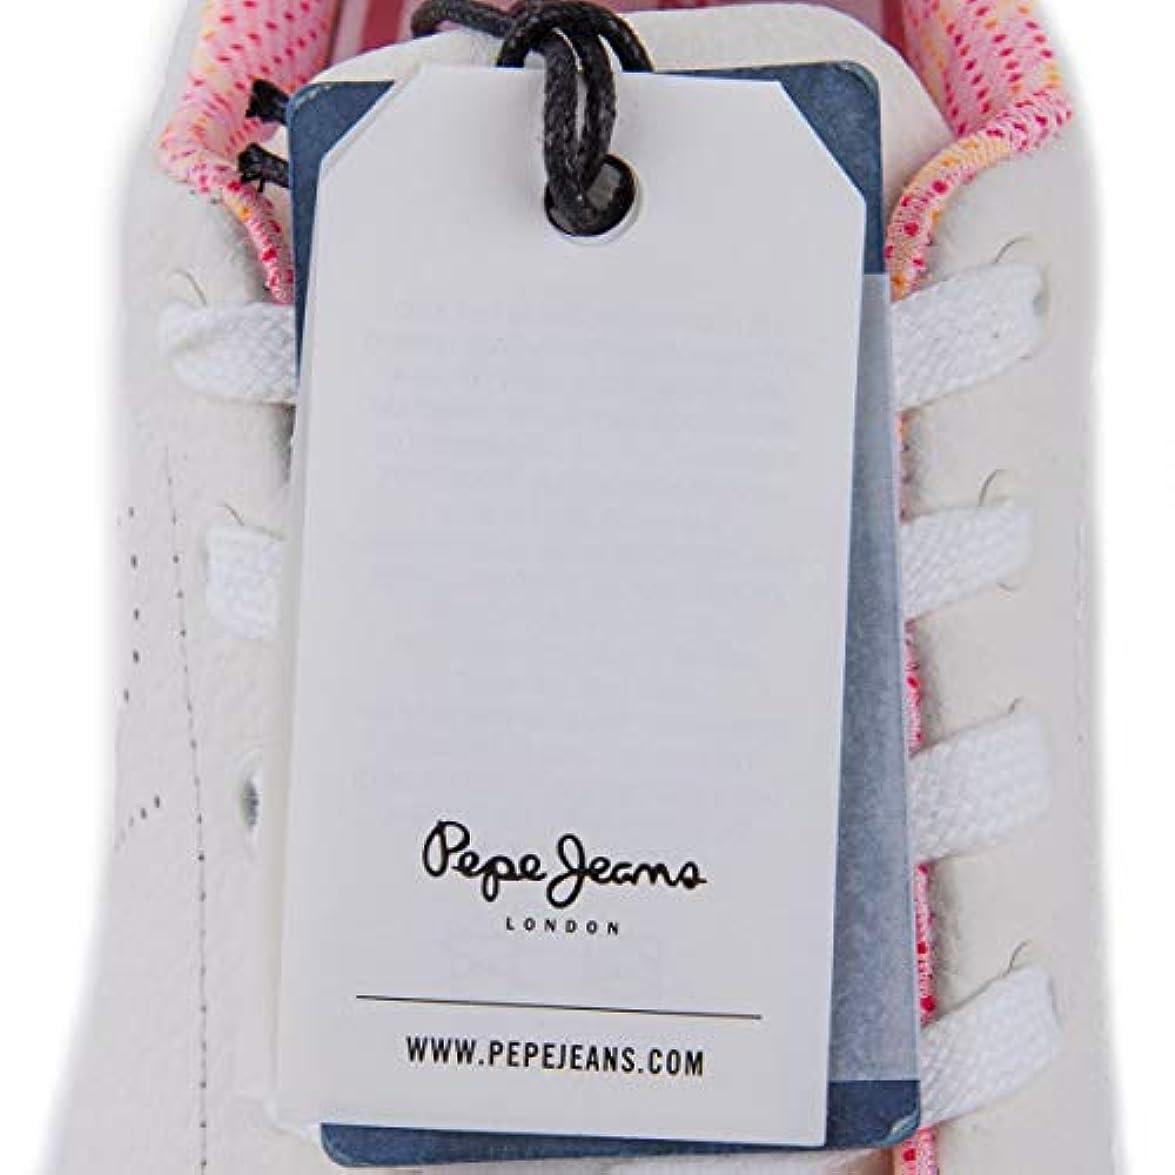 Pepe Jeans Scarpe Donna Art Pgs30337 800 Colore Foto Misura A Scelta